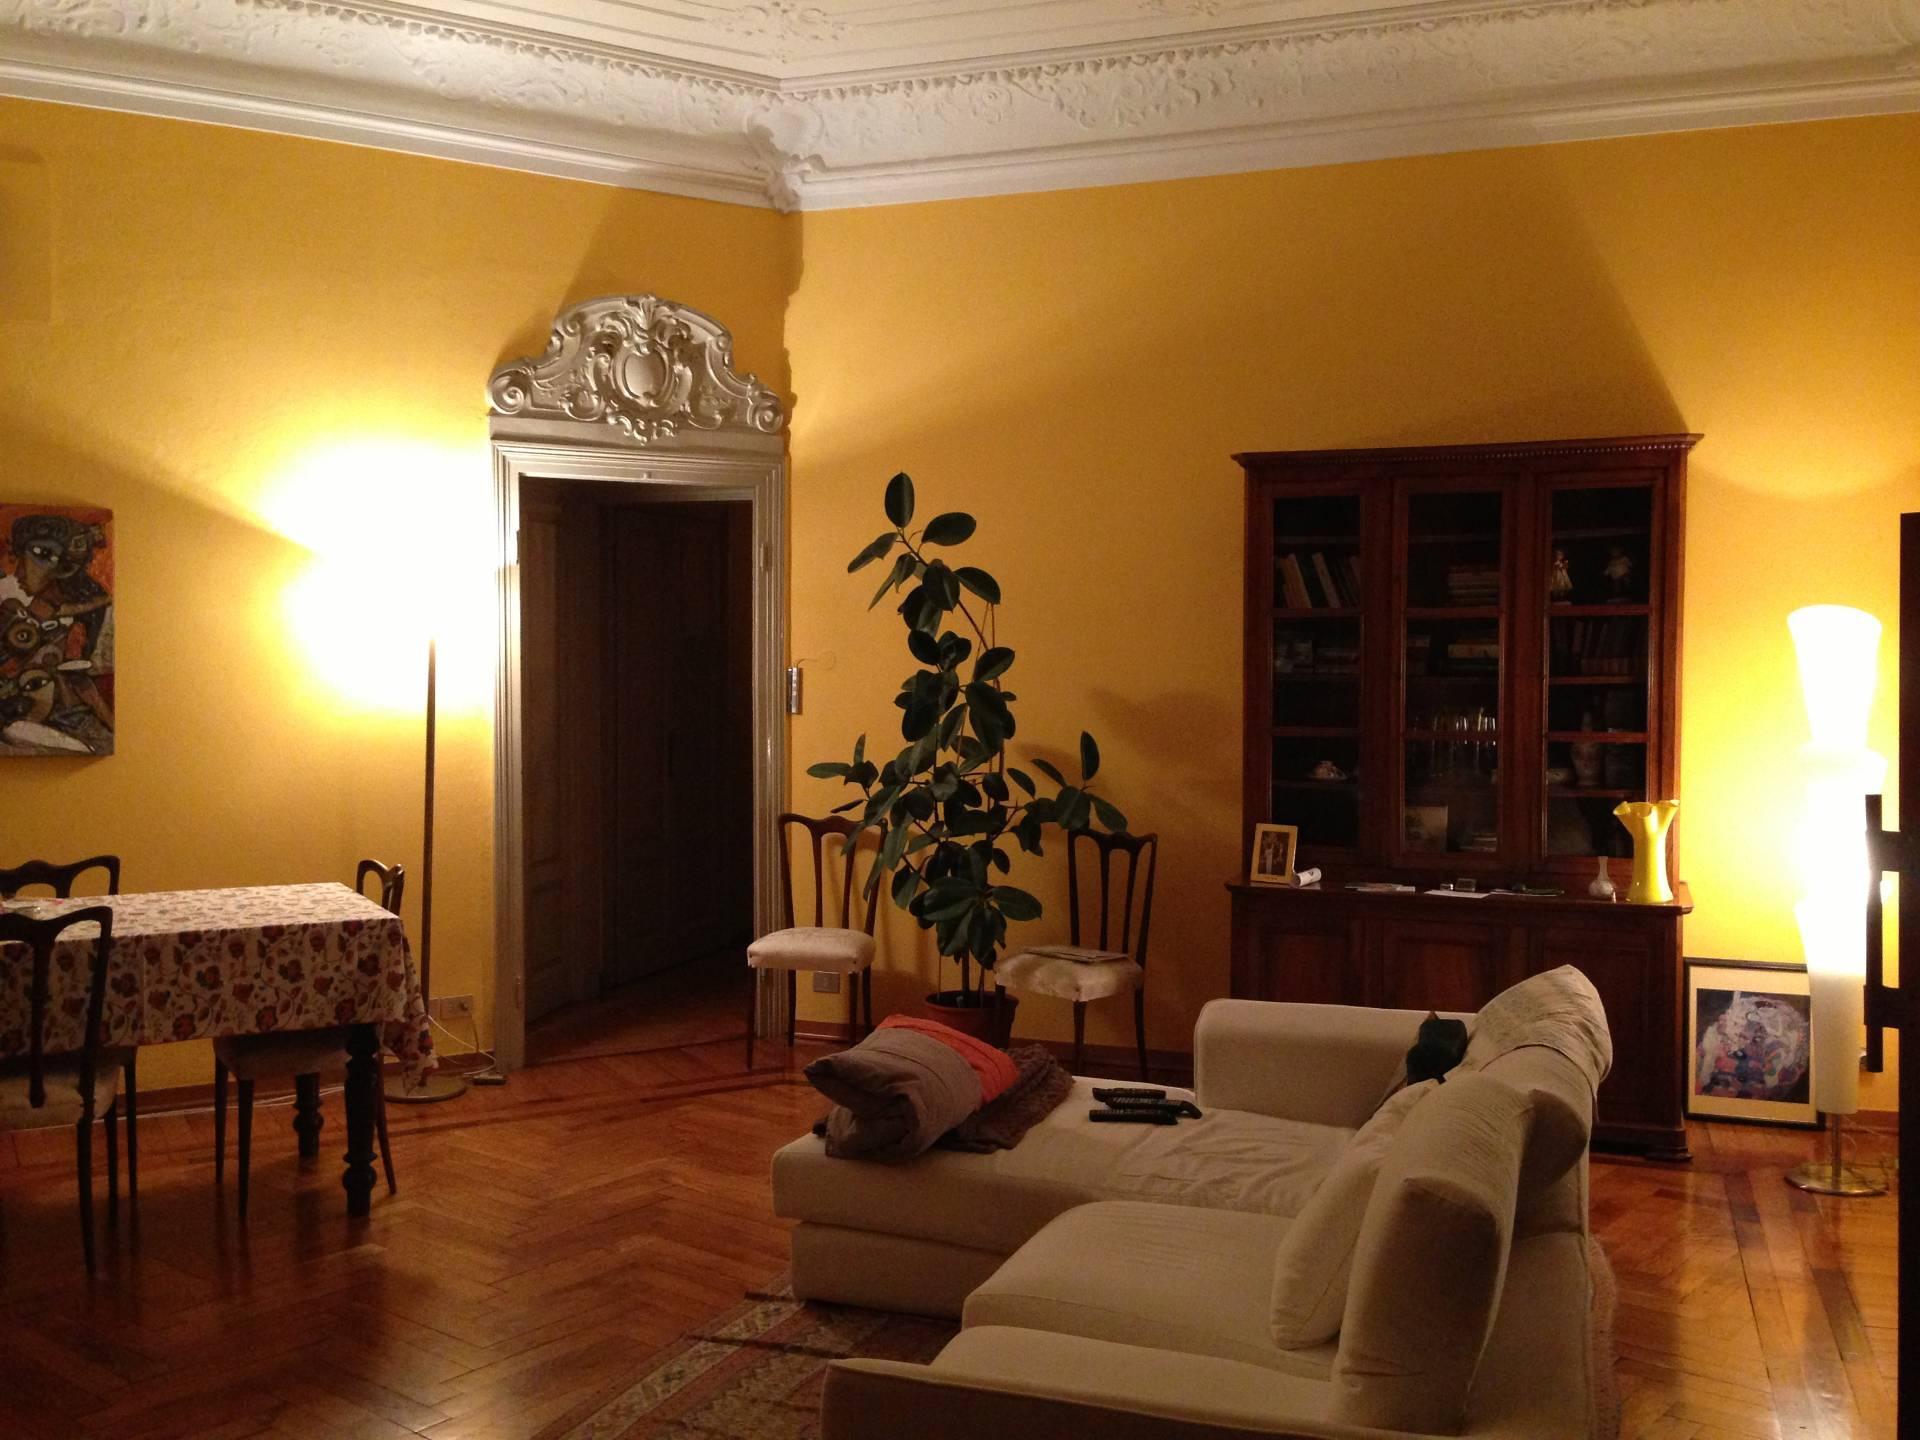 Appartamento in affitto a Novara, 4 locali, zona Zona: Centro, prezzo € 1.500 | CambioCasa.it